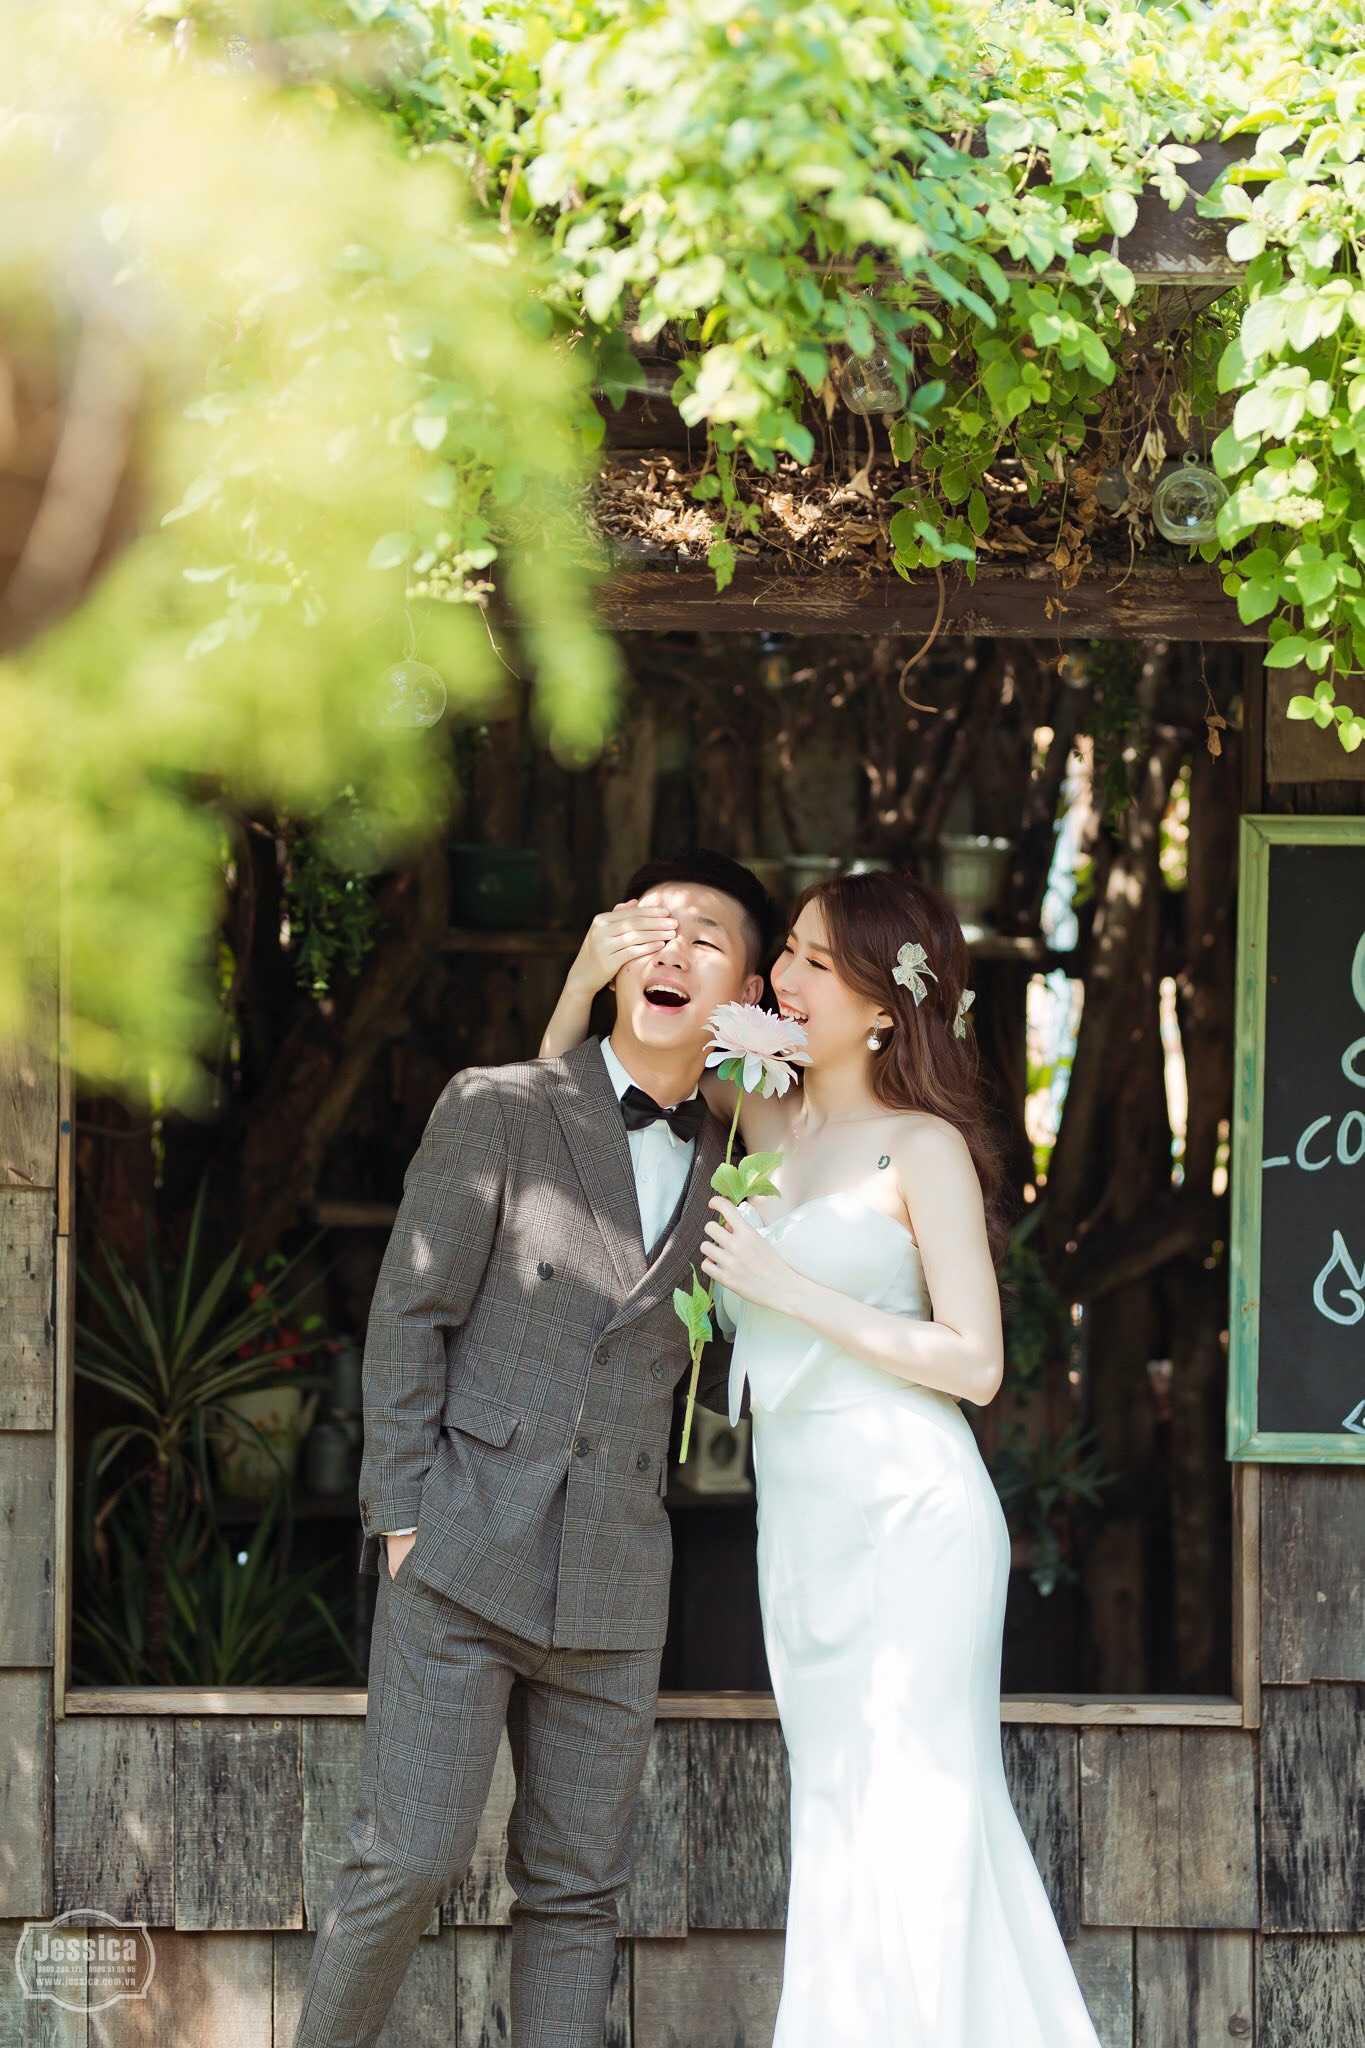 thuê váy cưới chụp ảnh studio